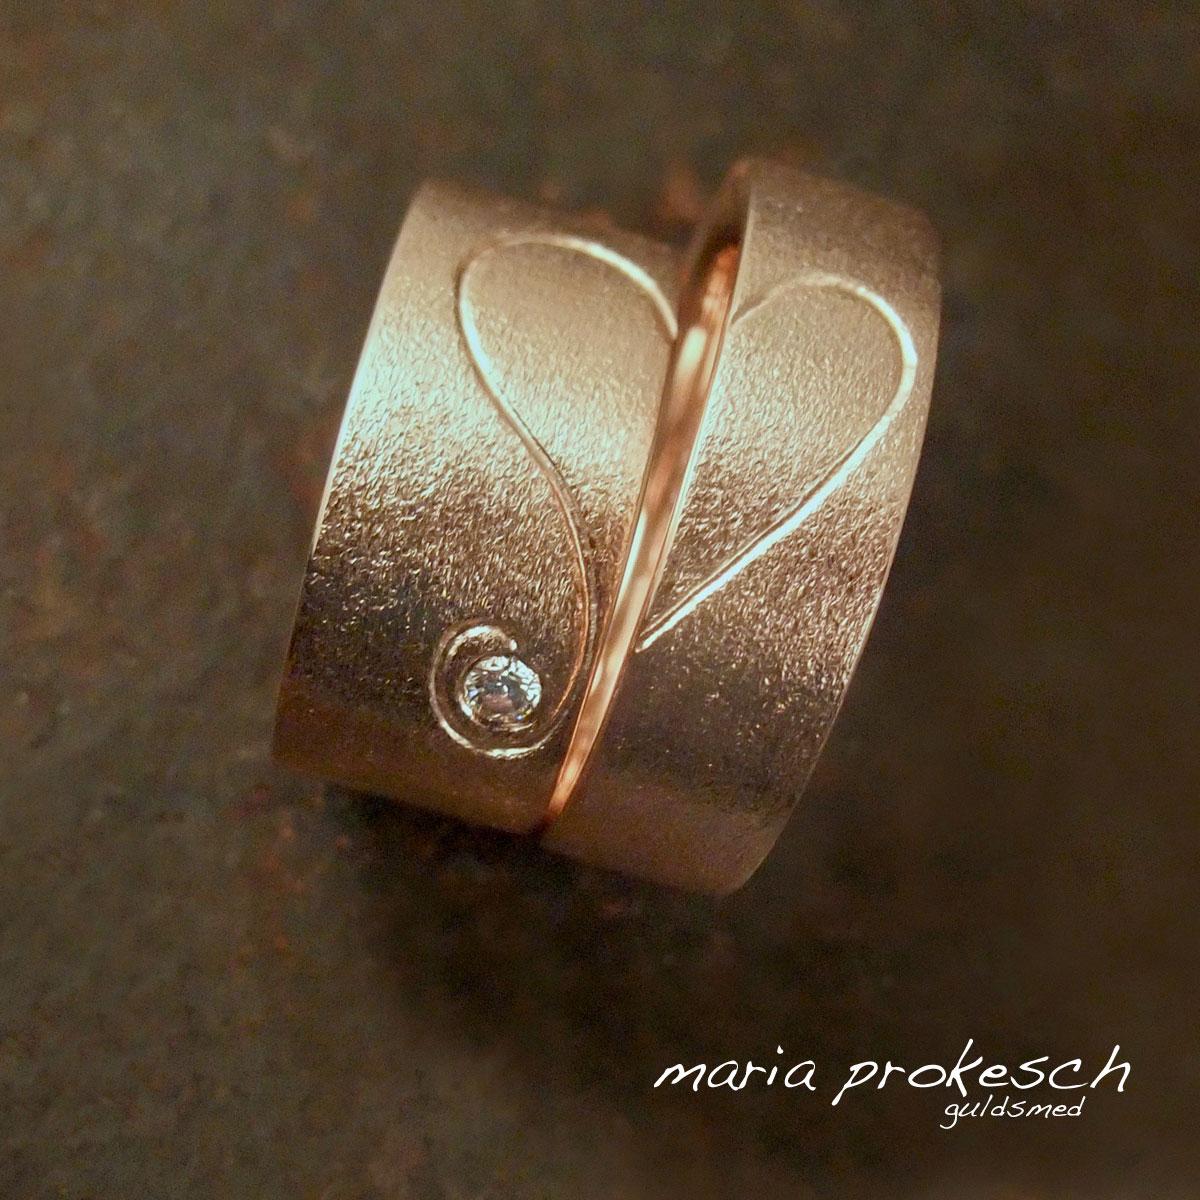 Vielsesringe med personlige halve hjerte i 14 kt rosaguld. Ringene er matteret i overfladen. Hendes med brillant i en elegant krølle fra hendes hjerte.